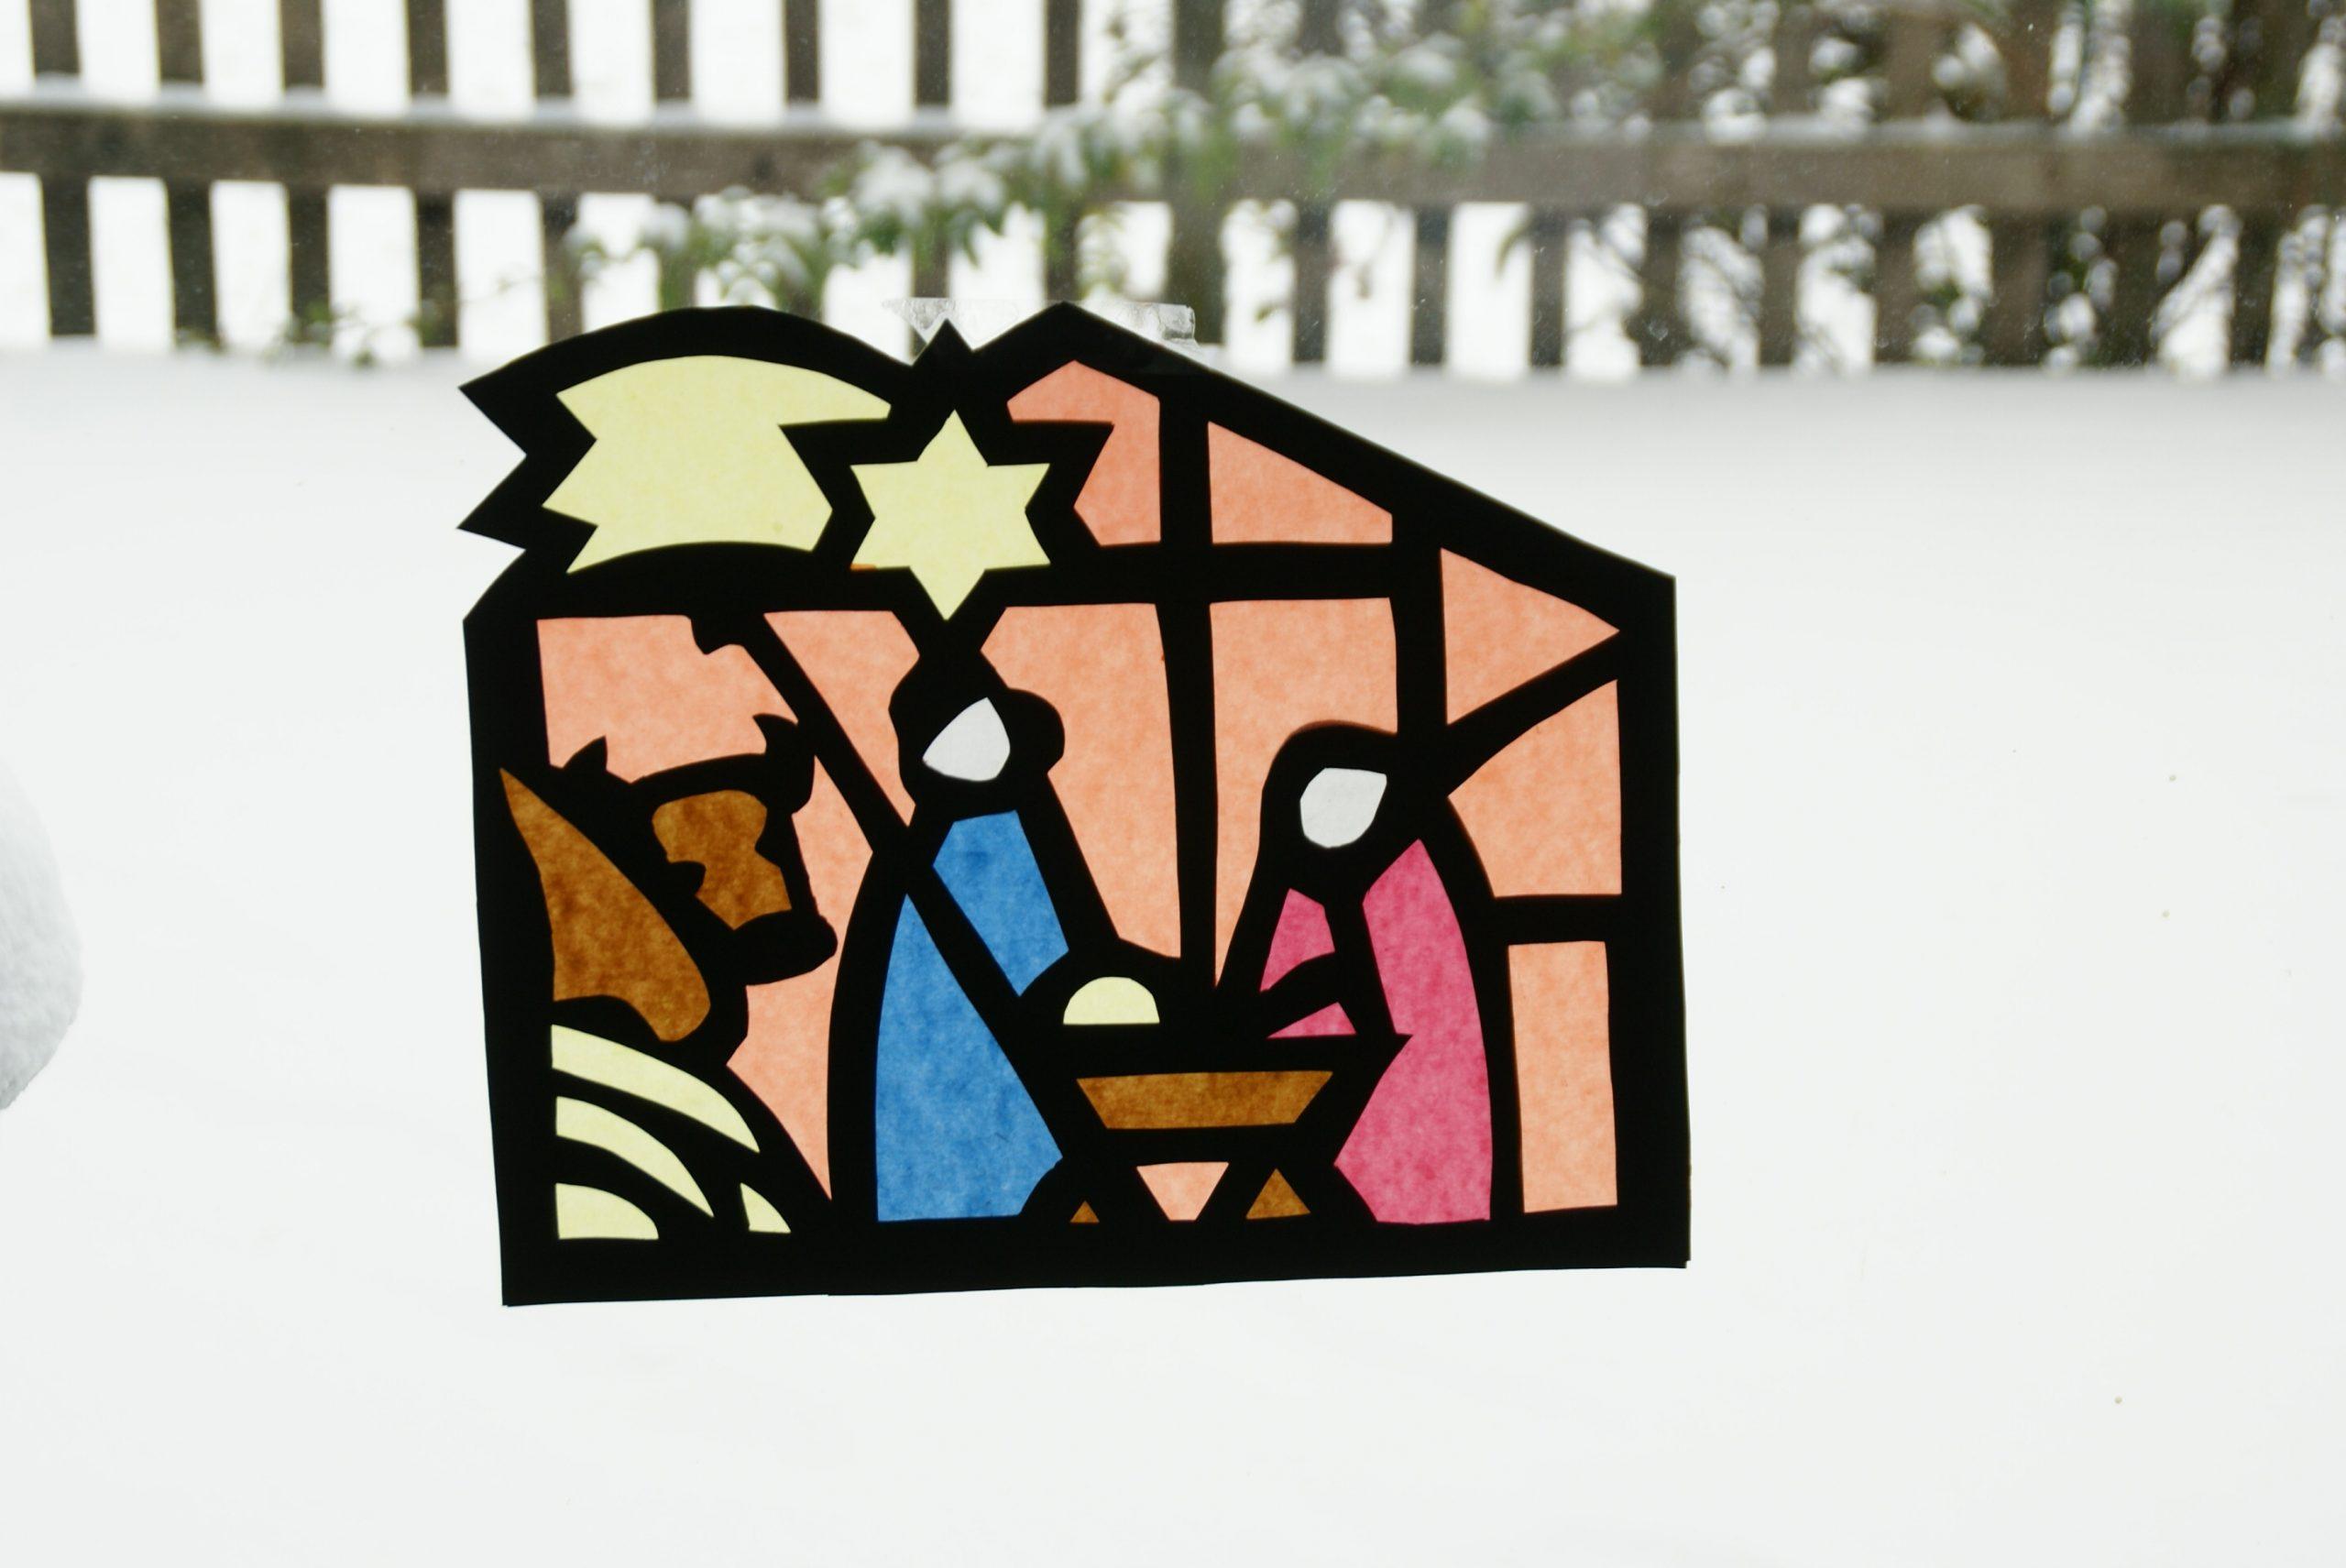 Weihnachtliche Fensterbilder | Bayerisches mit Fensterbilder Weihnachten Vorlagen Transparentpapier